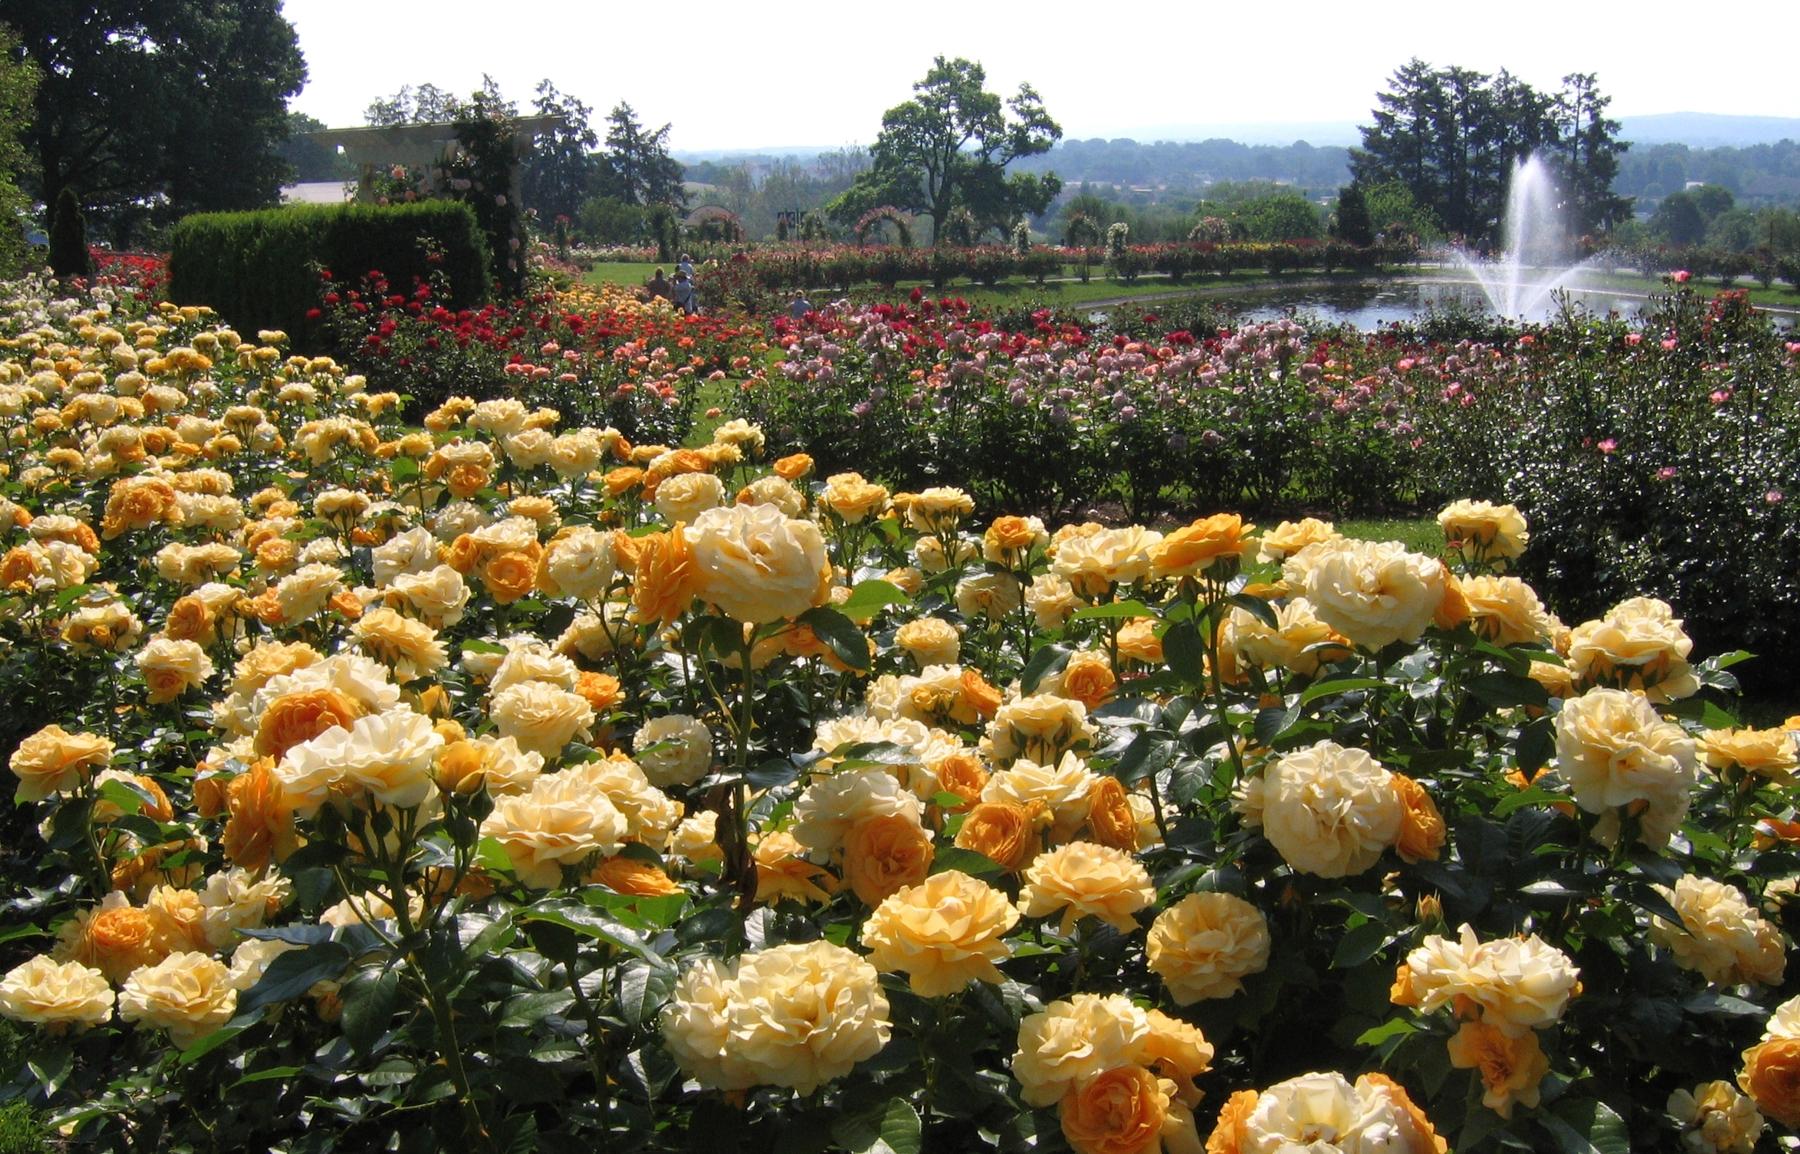 Fine Sidewinder Elitch Gardens Ornament - Brown Nature Garden ...